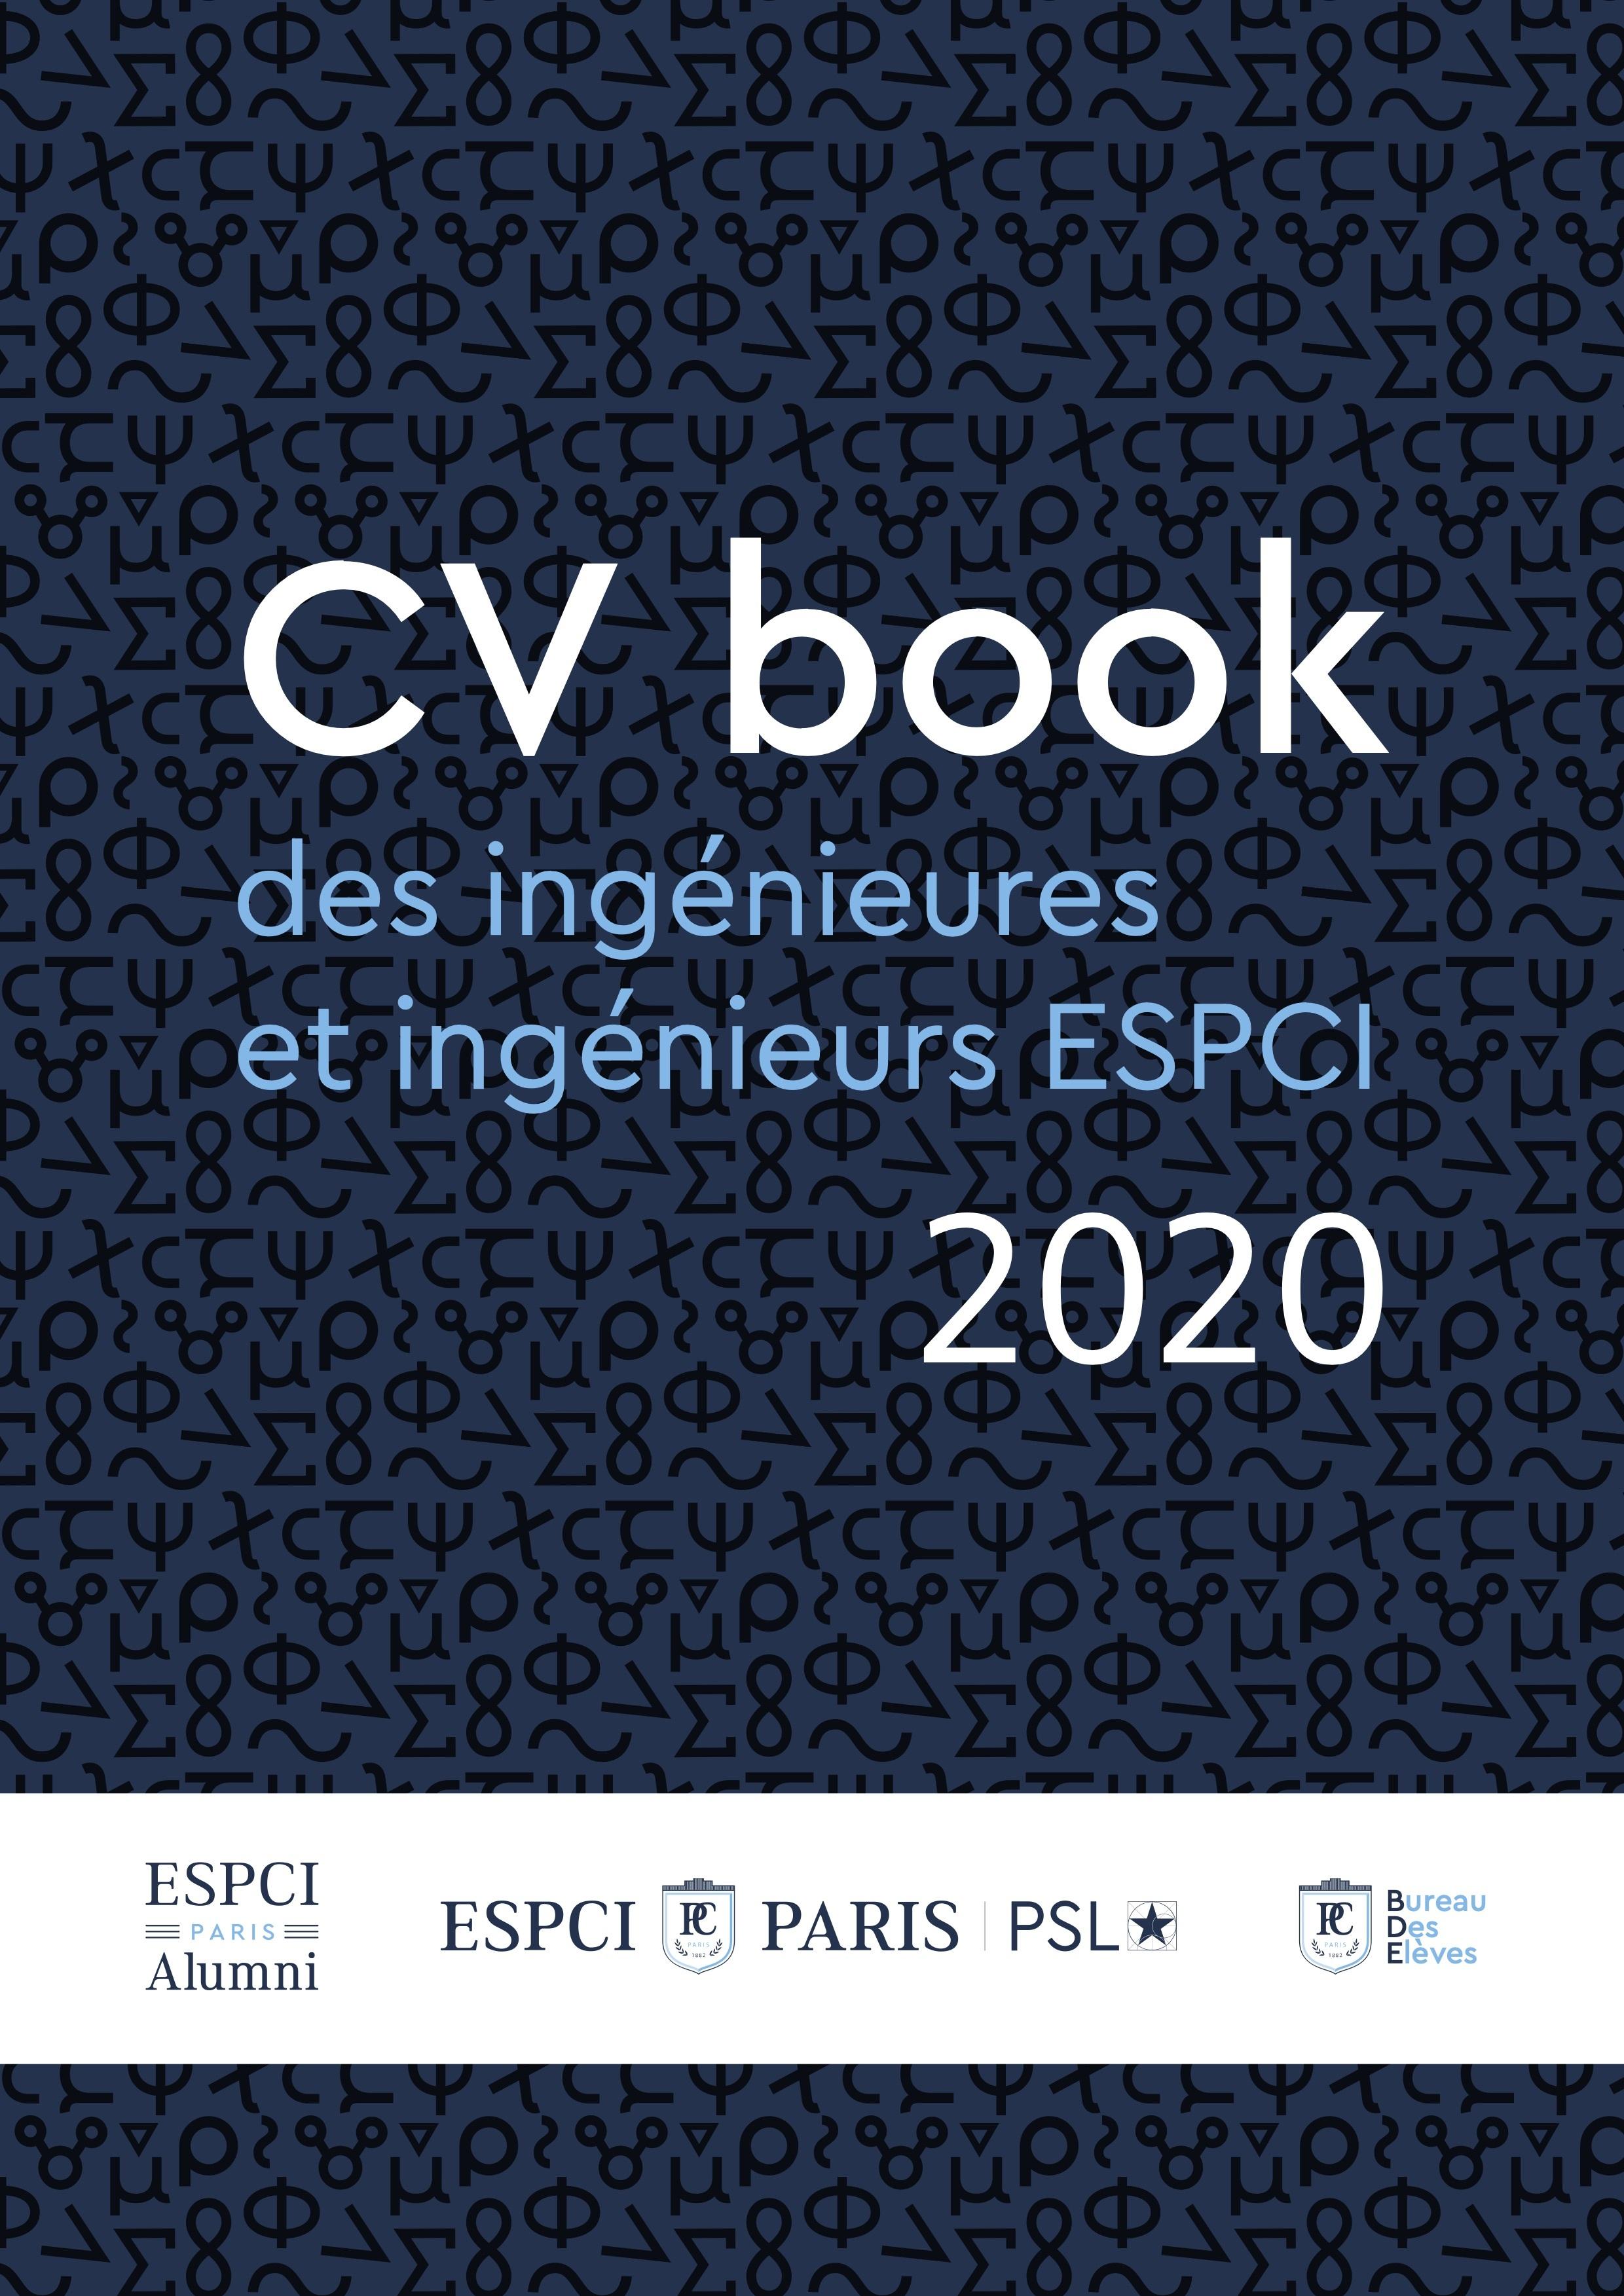 ESPCI Alumni CV Book 2020